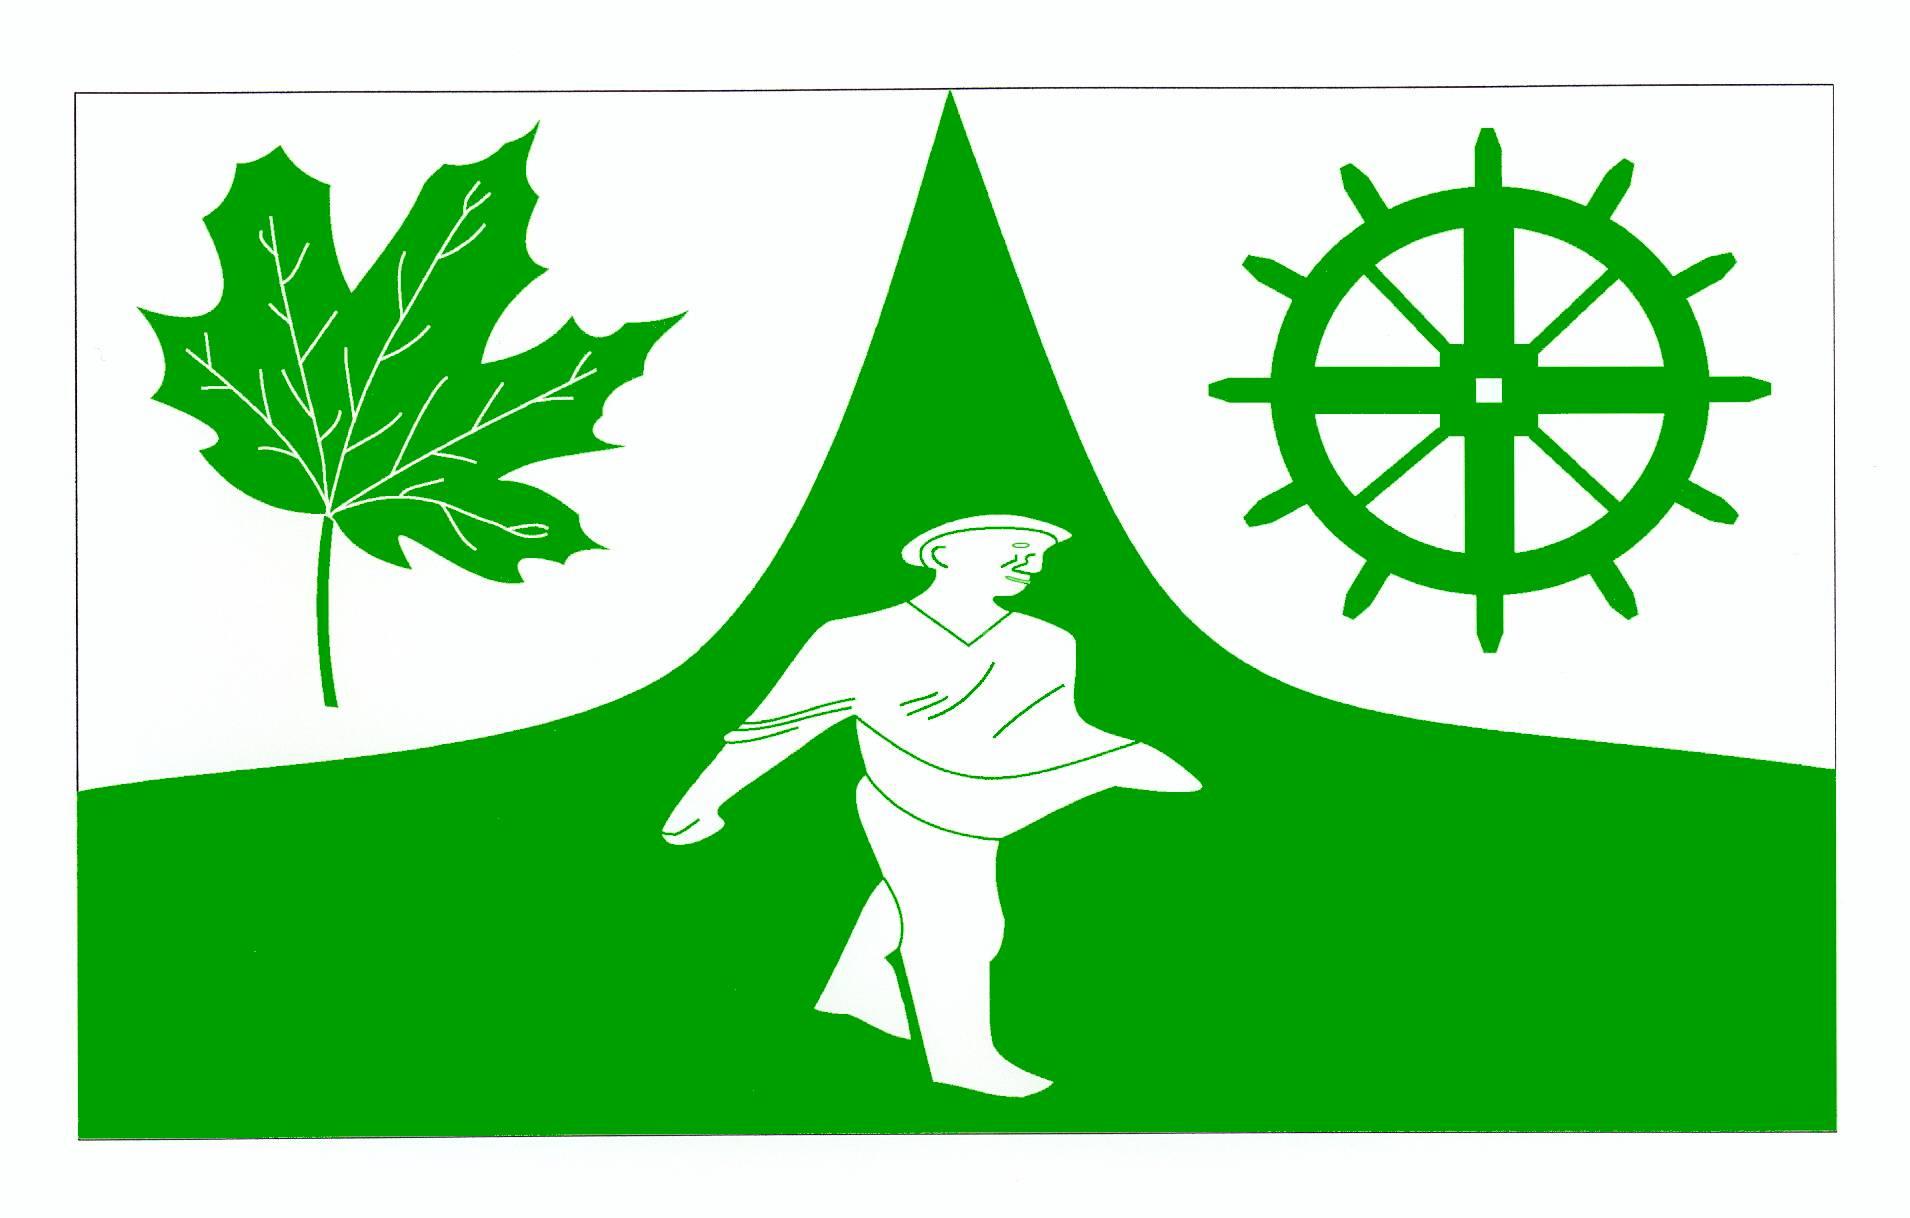 Flagge GemeindeGöldenitz, Kreis Herzogtum Lauenburg